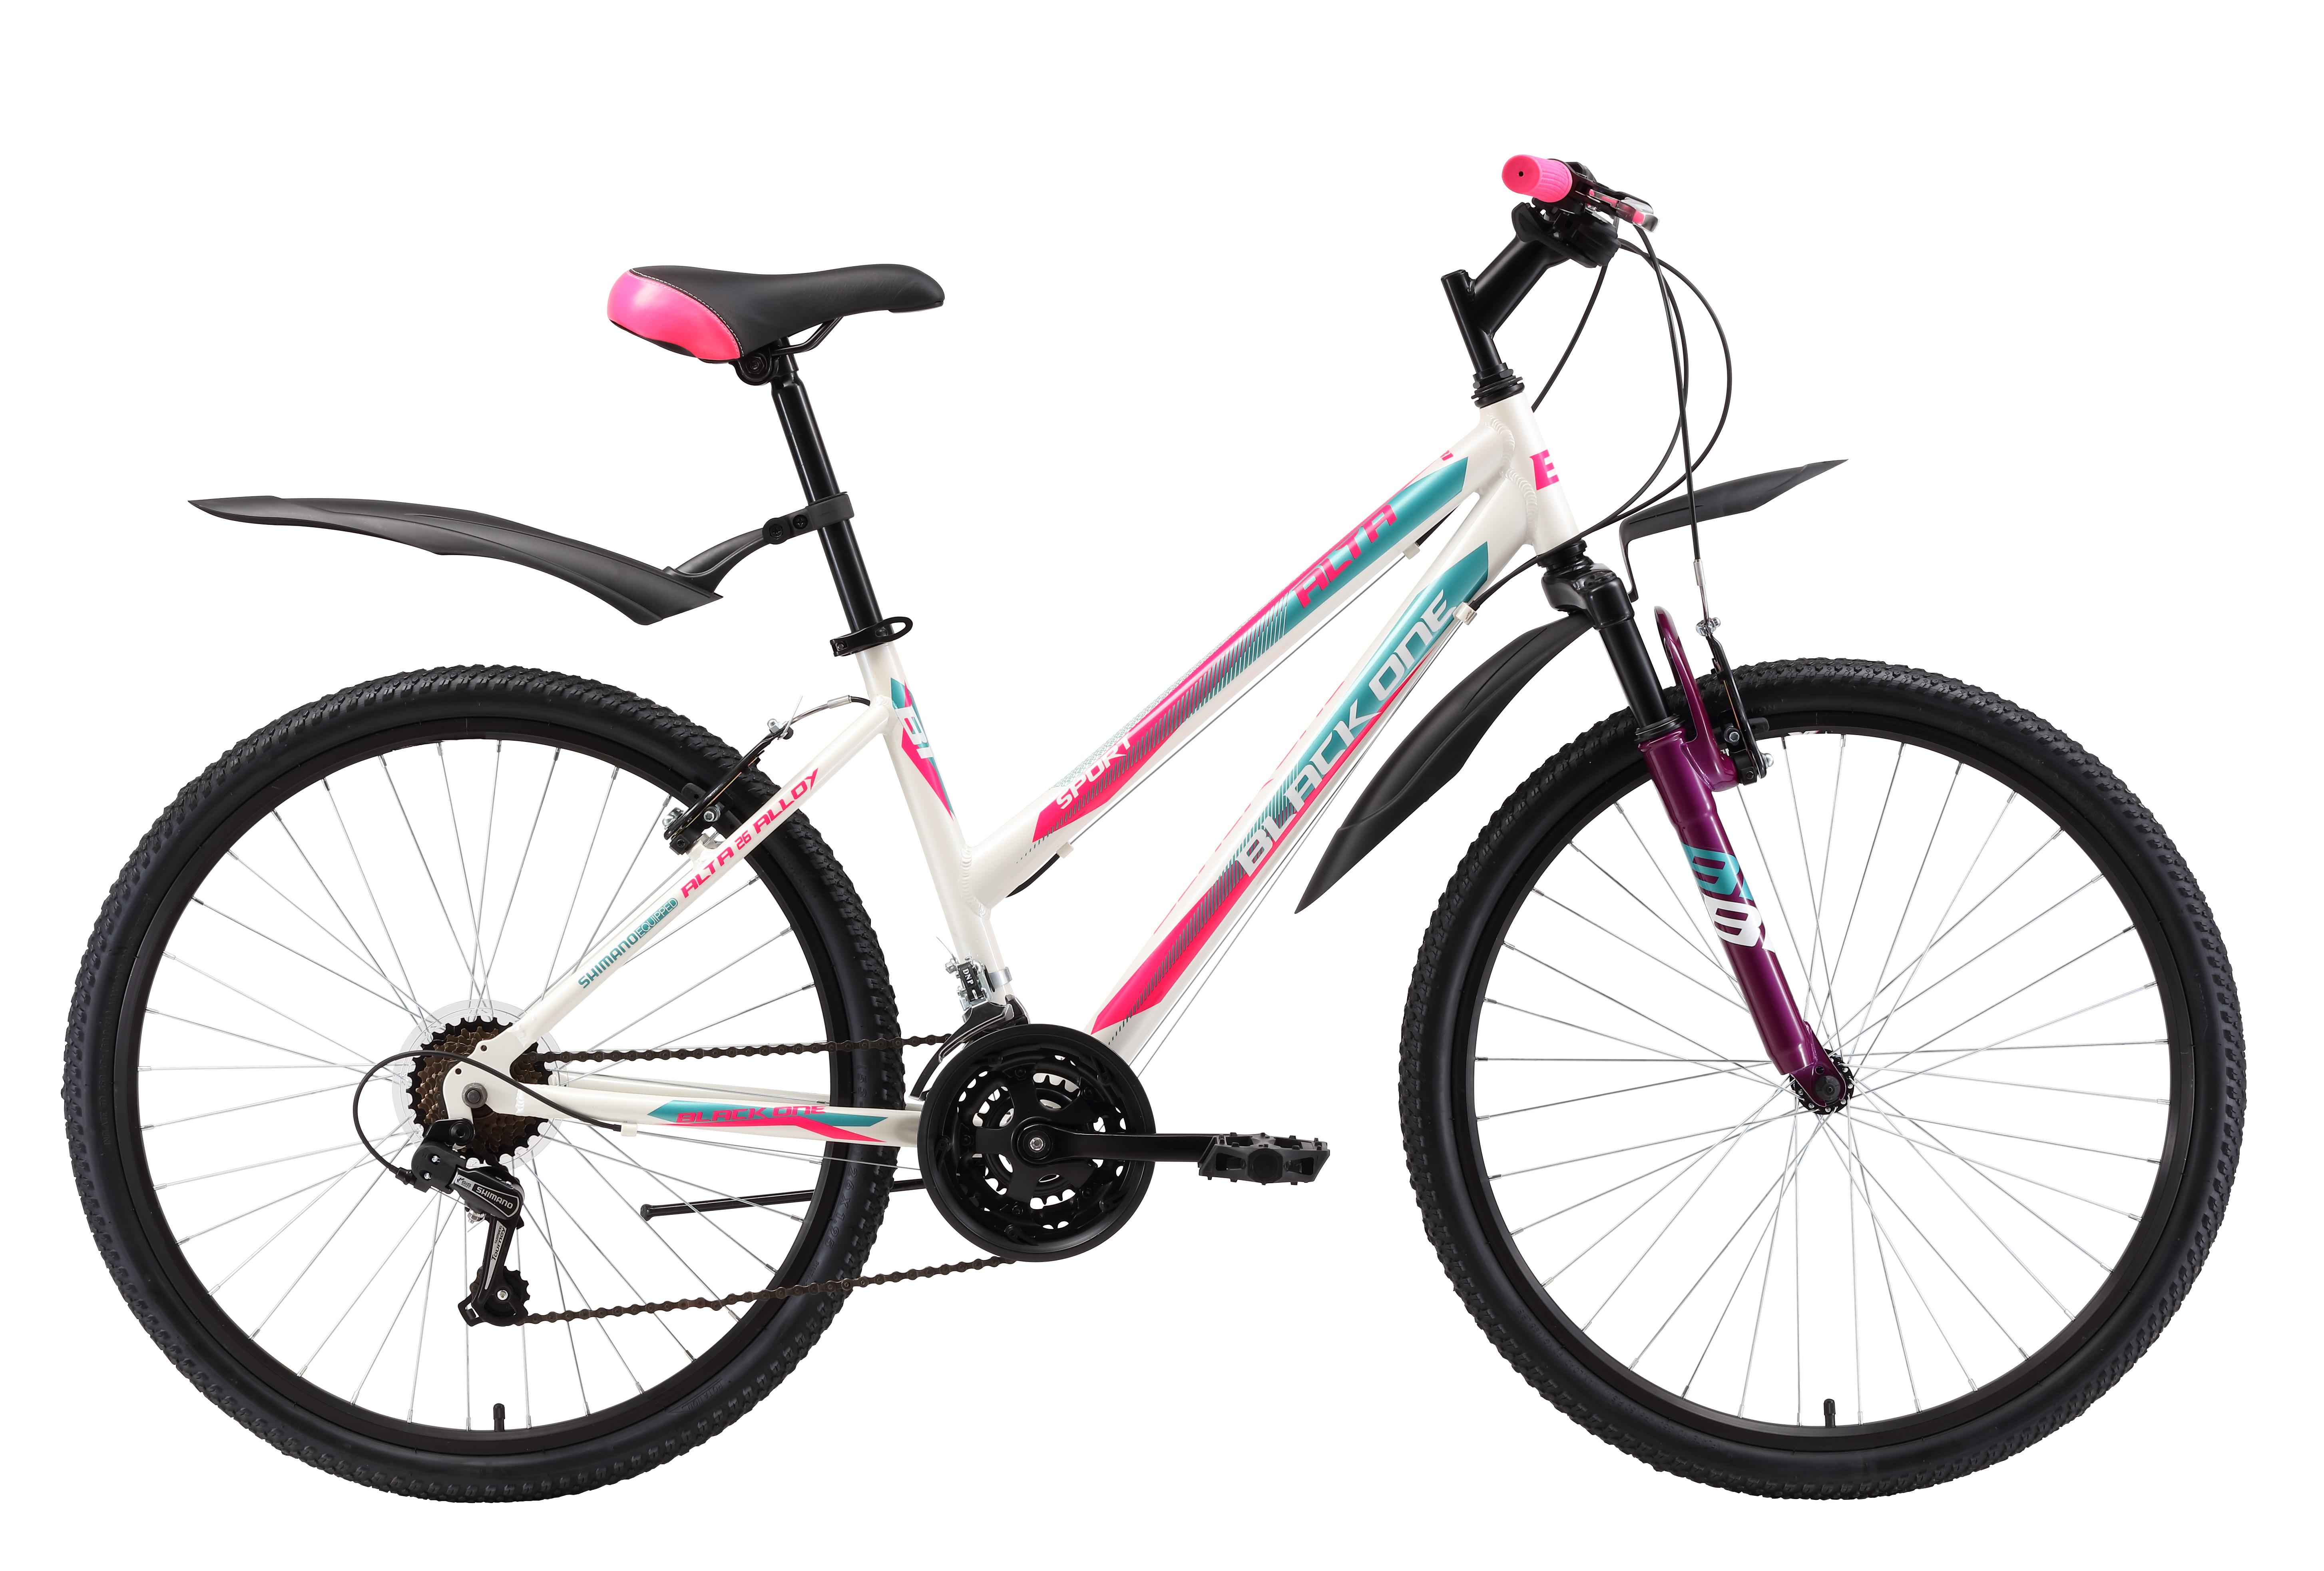 Велосипед Black One Alta 26 Alloy 2018 белый-розовый-голубой 14.5 д